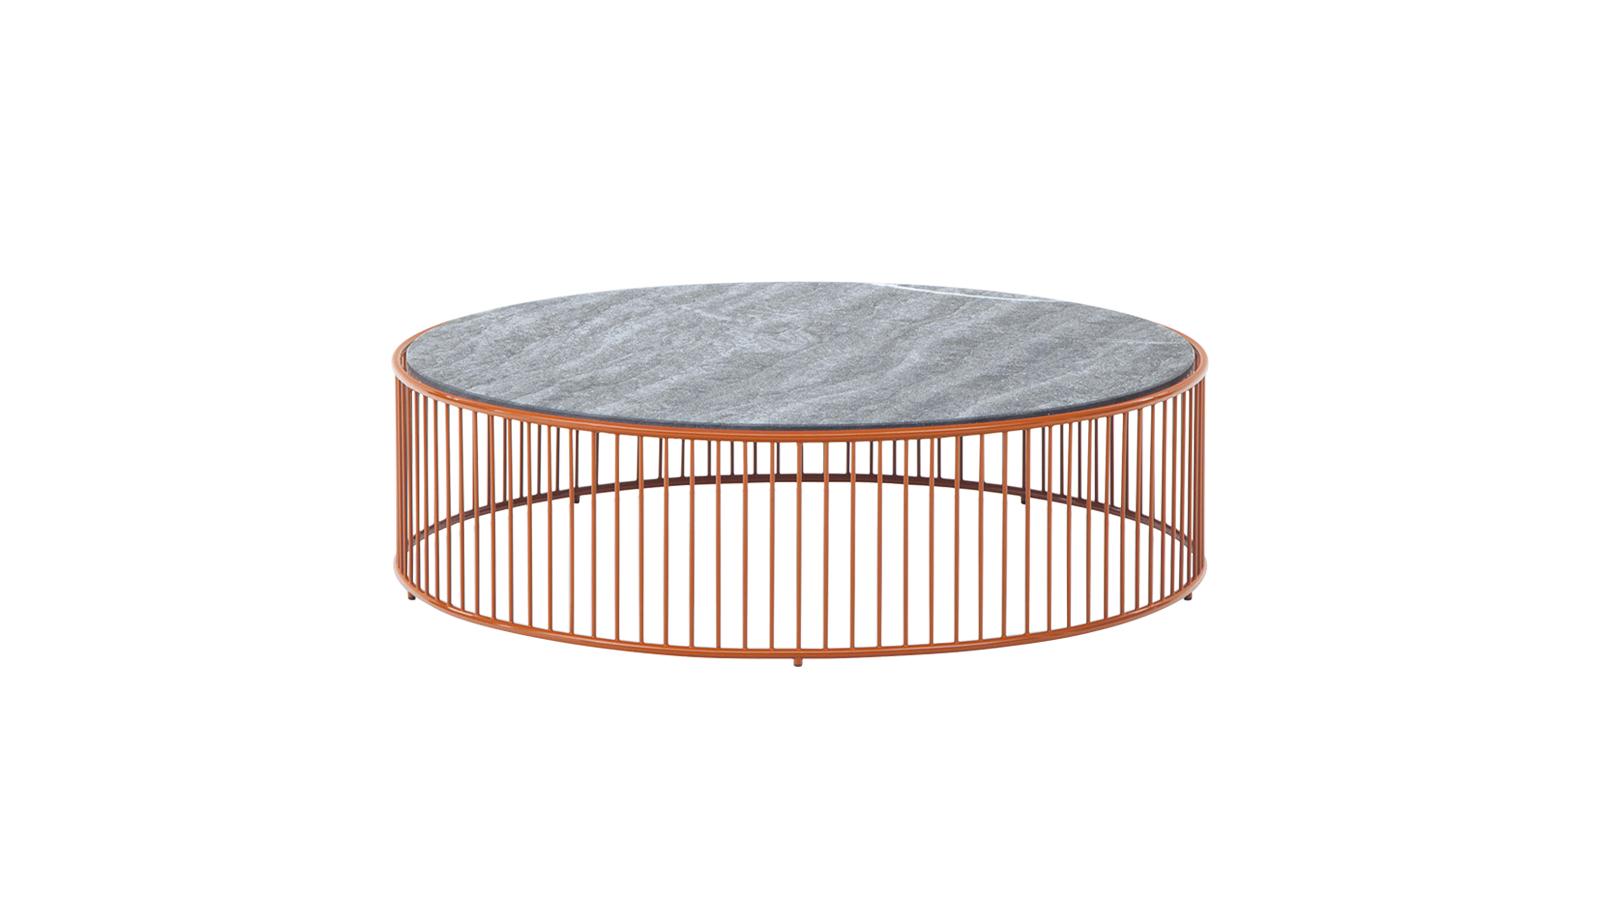 """A Caulfield dohányzóasztal kültéri változata a szellős fémszerkezet és a figyelemfelkeltő színek egész palettájával rendelkezik. A fémszerkezet esetleges egyenletlenségeit homokfúvással javítják, majd epoxipor szórásával korrózió- és időjárásállóságot kap. Az asztallap Pietra del Cardoso kőből készül, csiszolt felülettel. A Caulfield """"Outdoor"""" dohányzóasztalok három méretben kaphatók."""